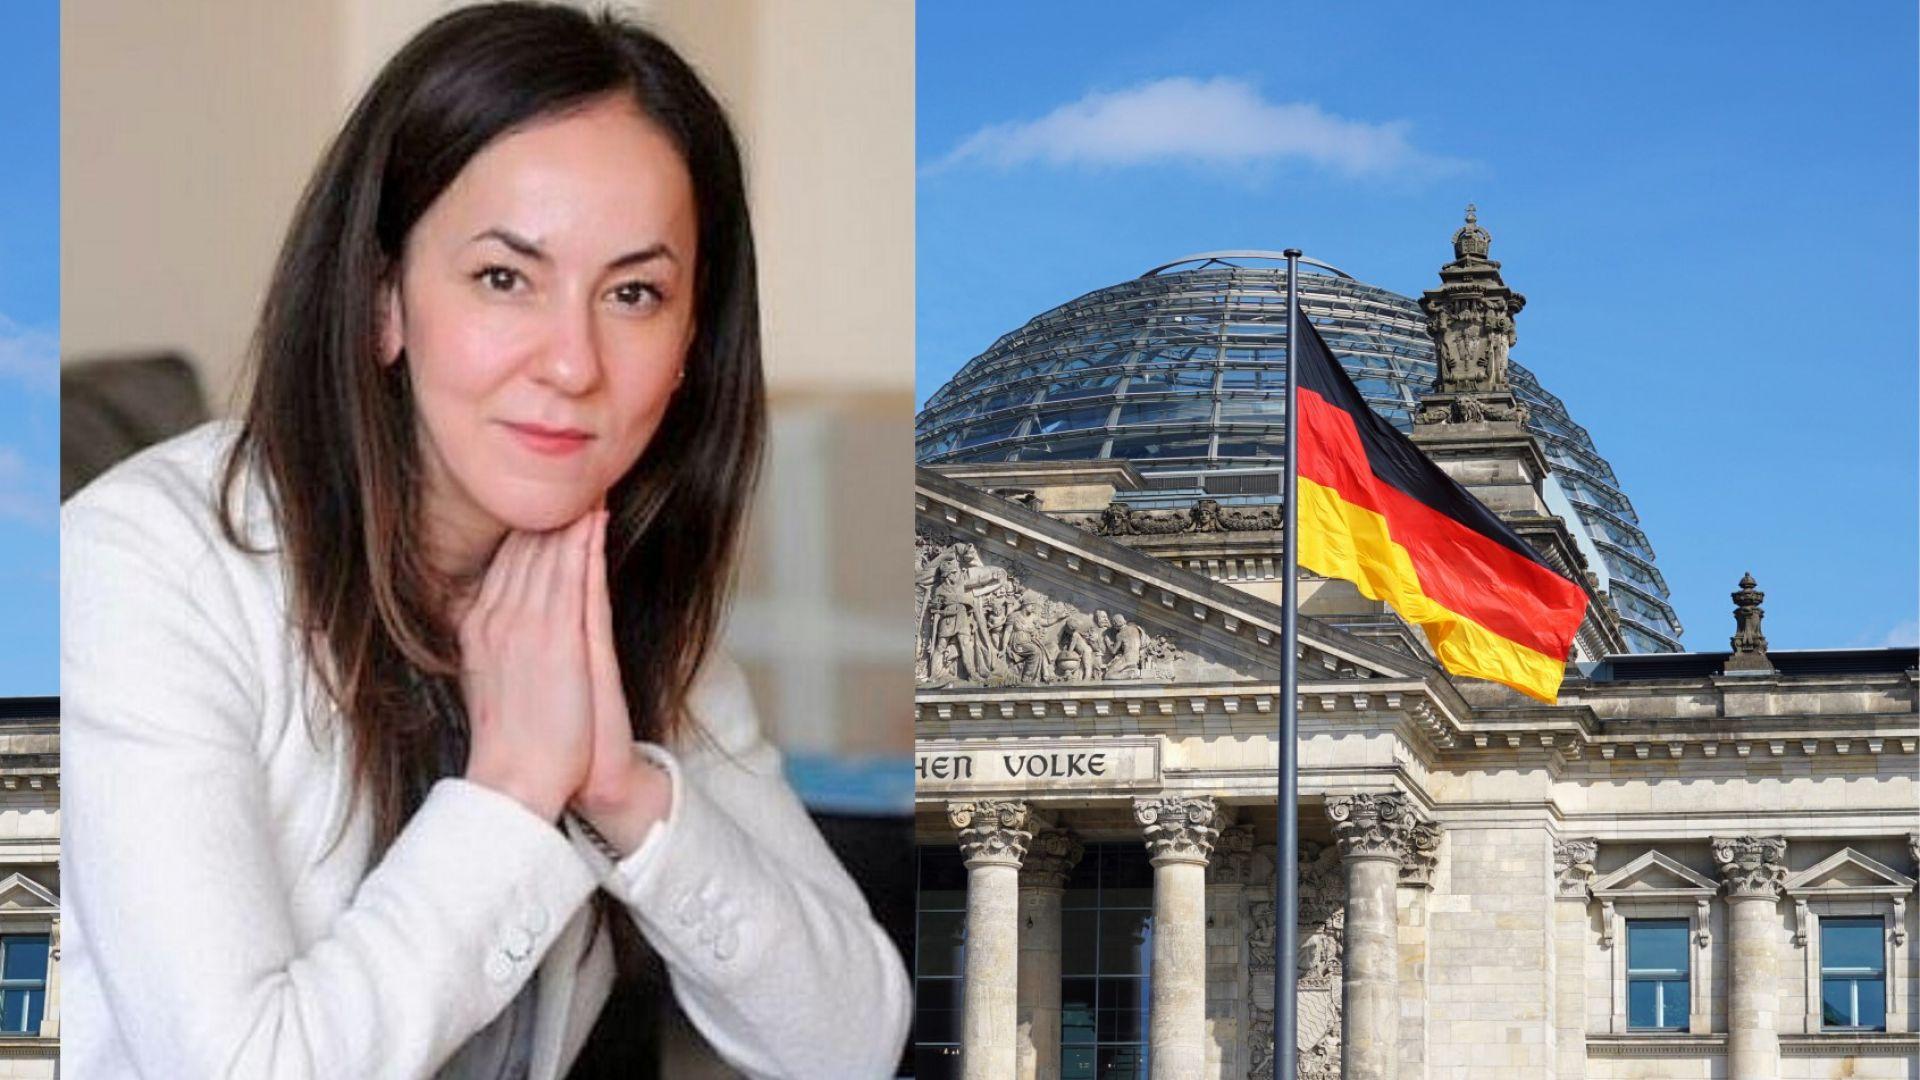 Мария Стоянова: Който и да смени Меркел, няма да има същата емпатия към България